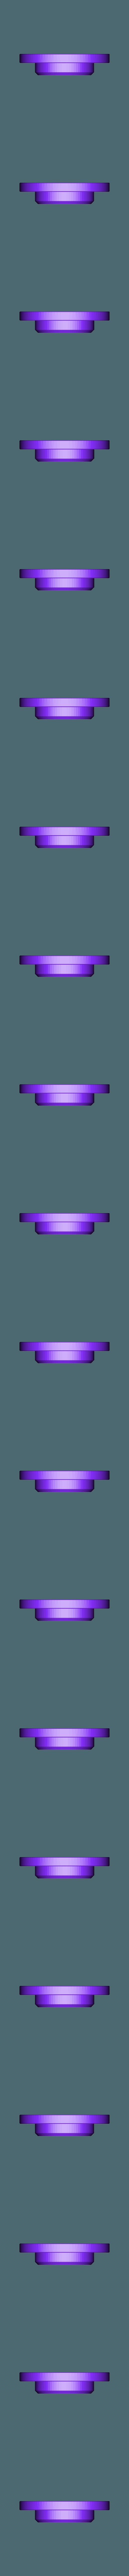 Cover.stl Télécharger fichier STL gratuit Maison des oiseaux bûcherons • Modèle à imprimer en 3D, SE_2018